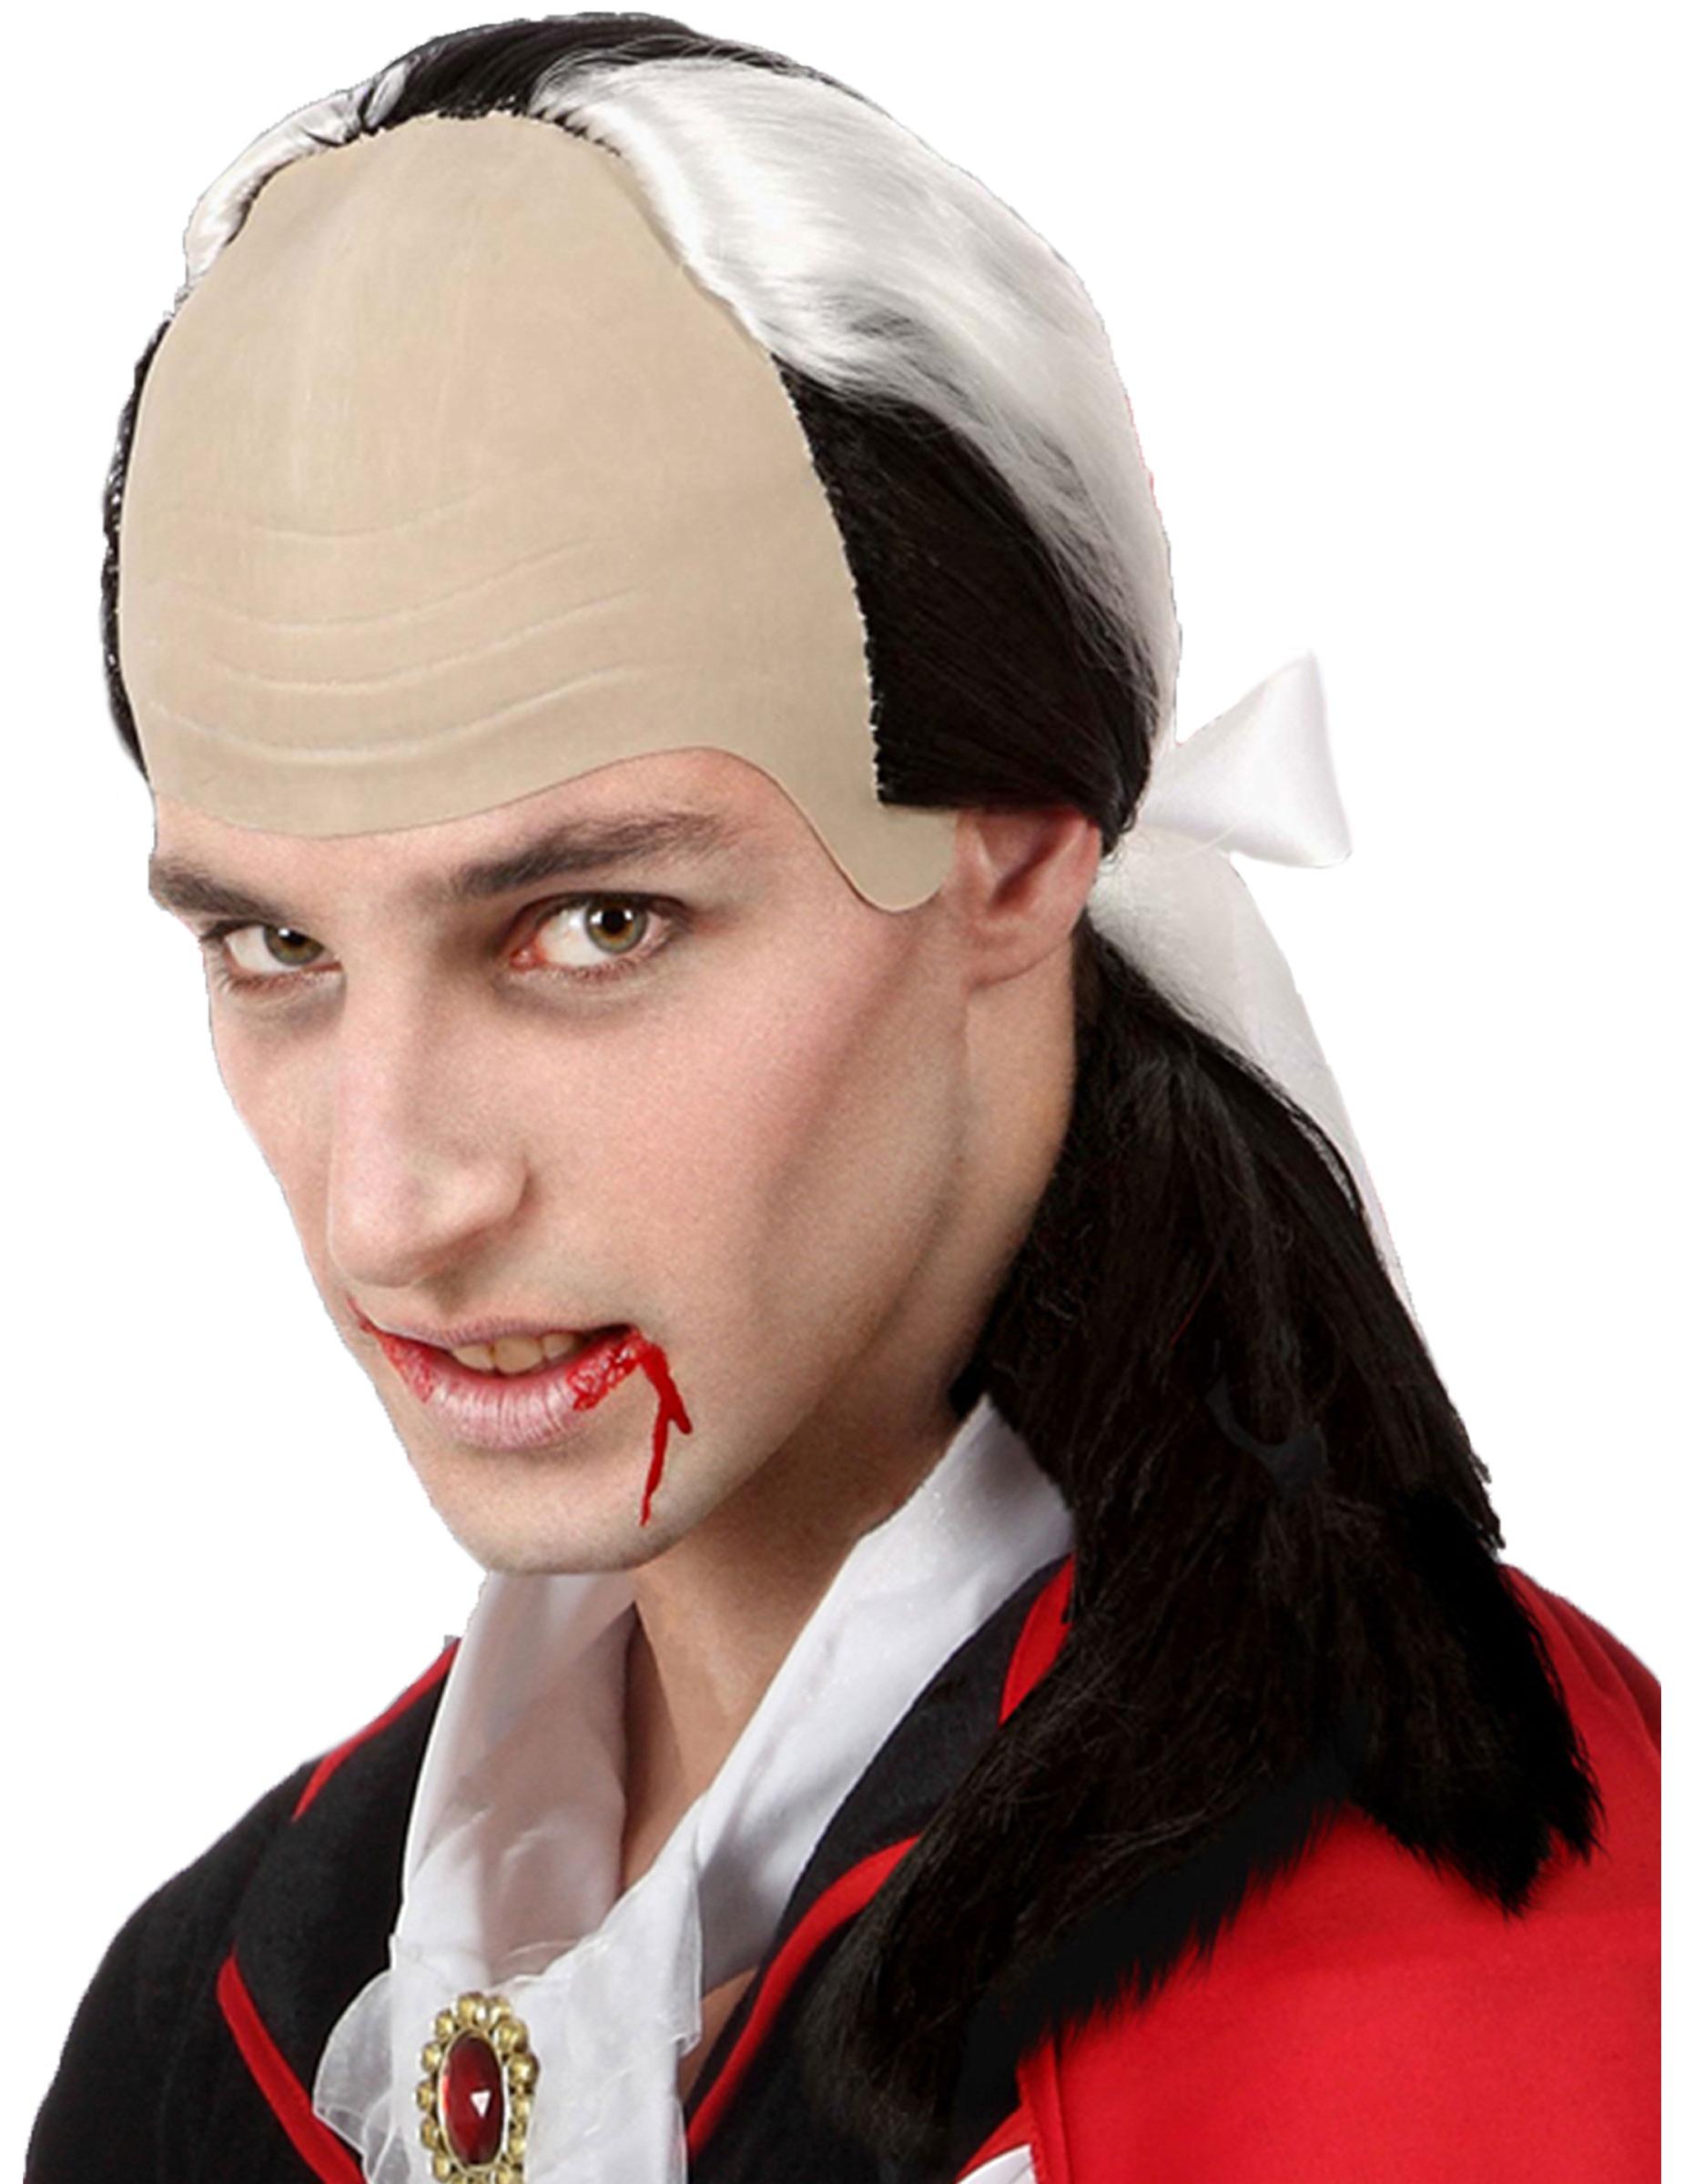 Vampir Perücke hohe Stirn für Herren 155451